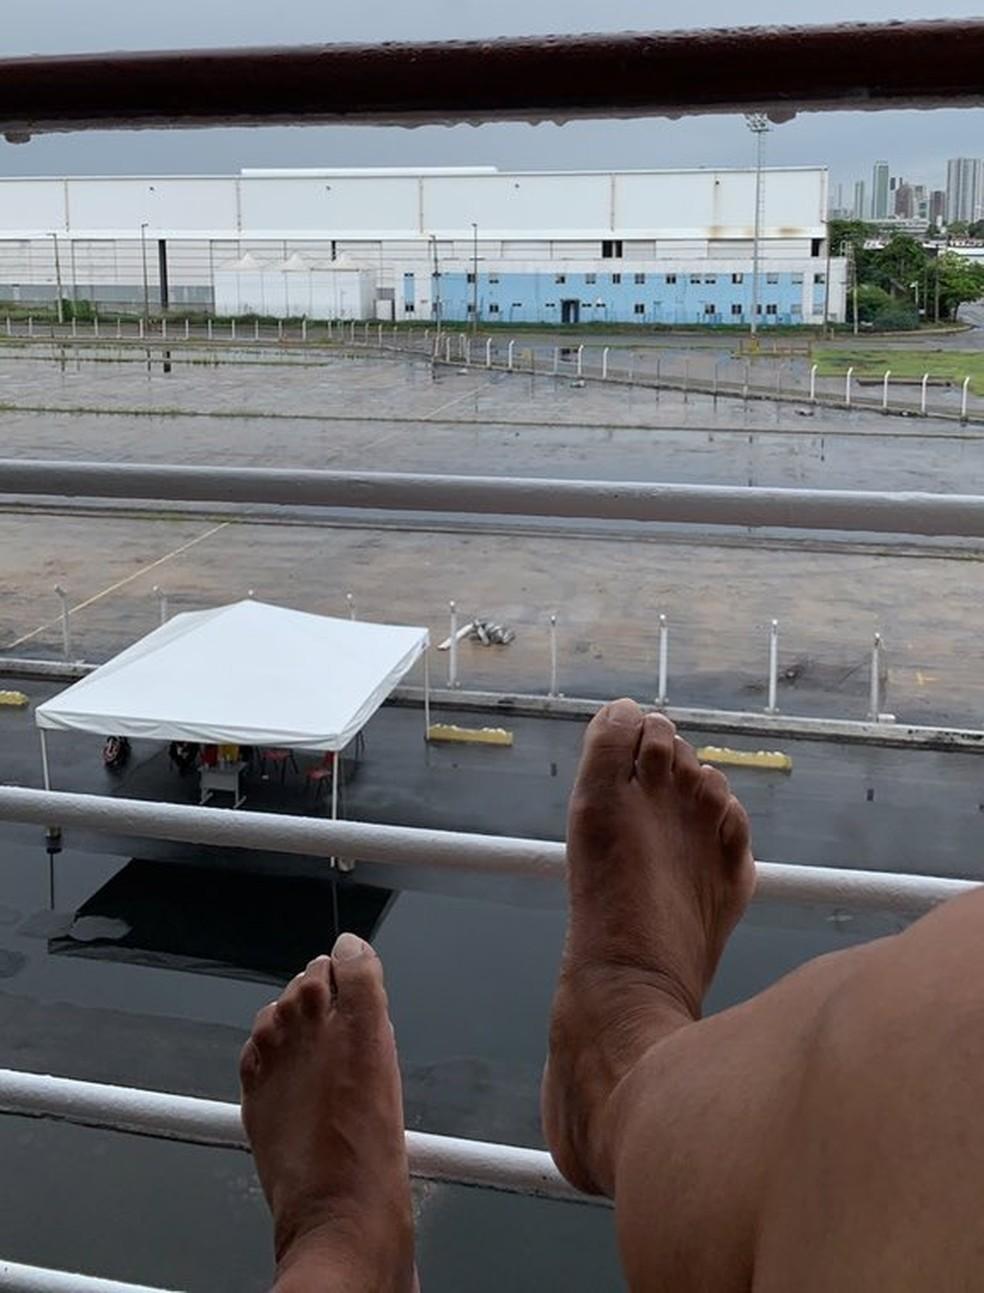 'Estamos confinados, mas em um hotel cinco estrelas', disse turista isolado em navio no Porto do Recife — Foto: Reprodução/Arquivo pessoal